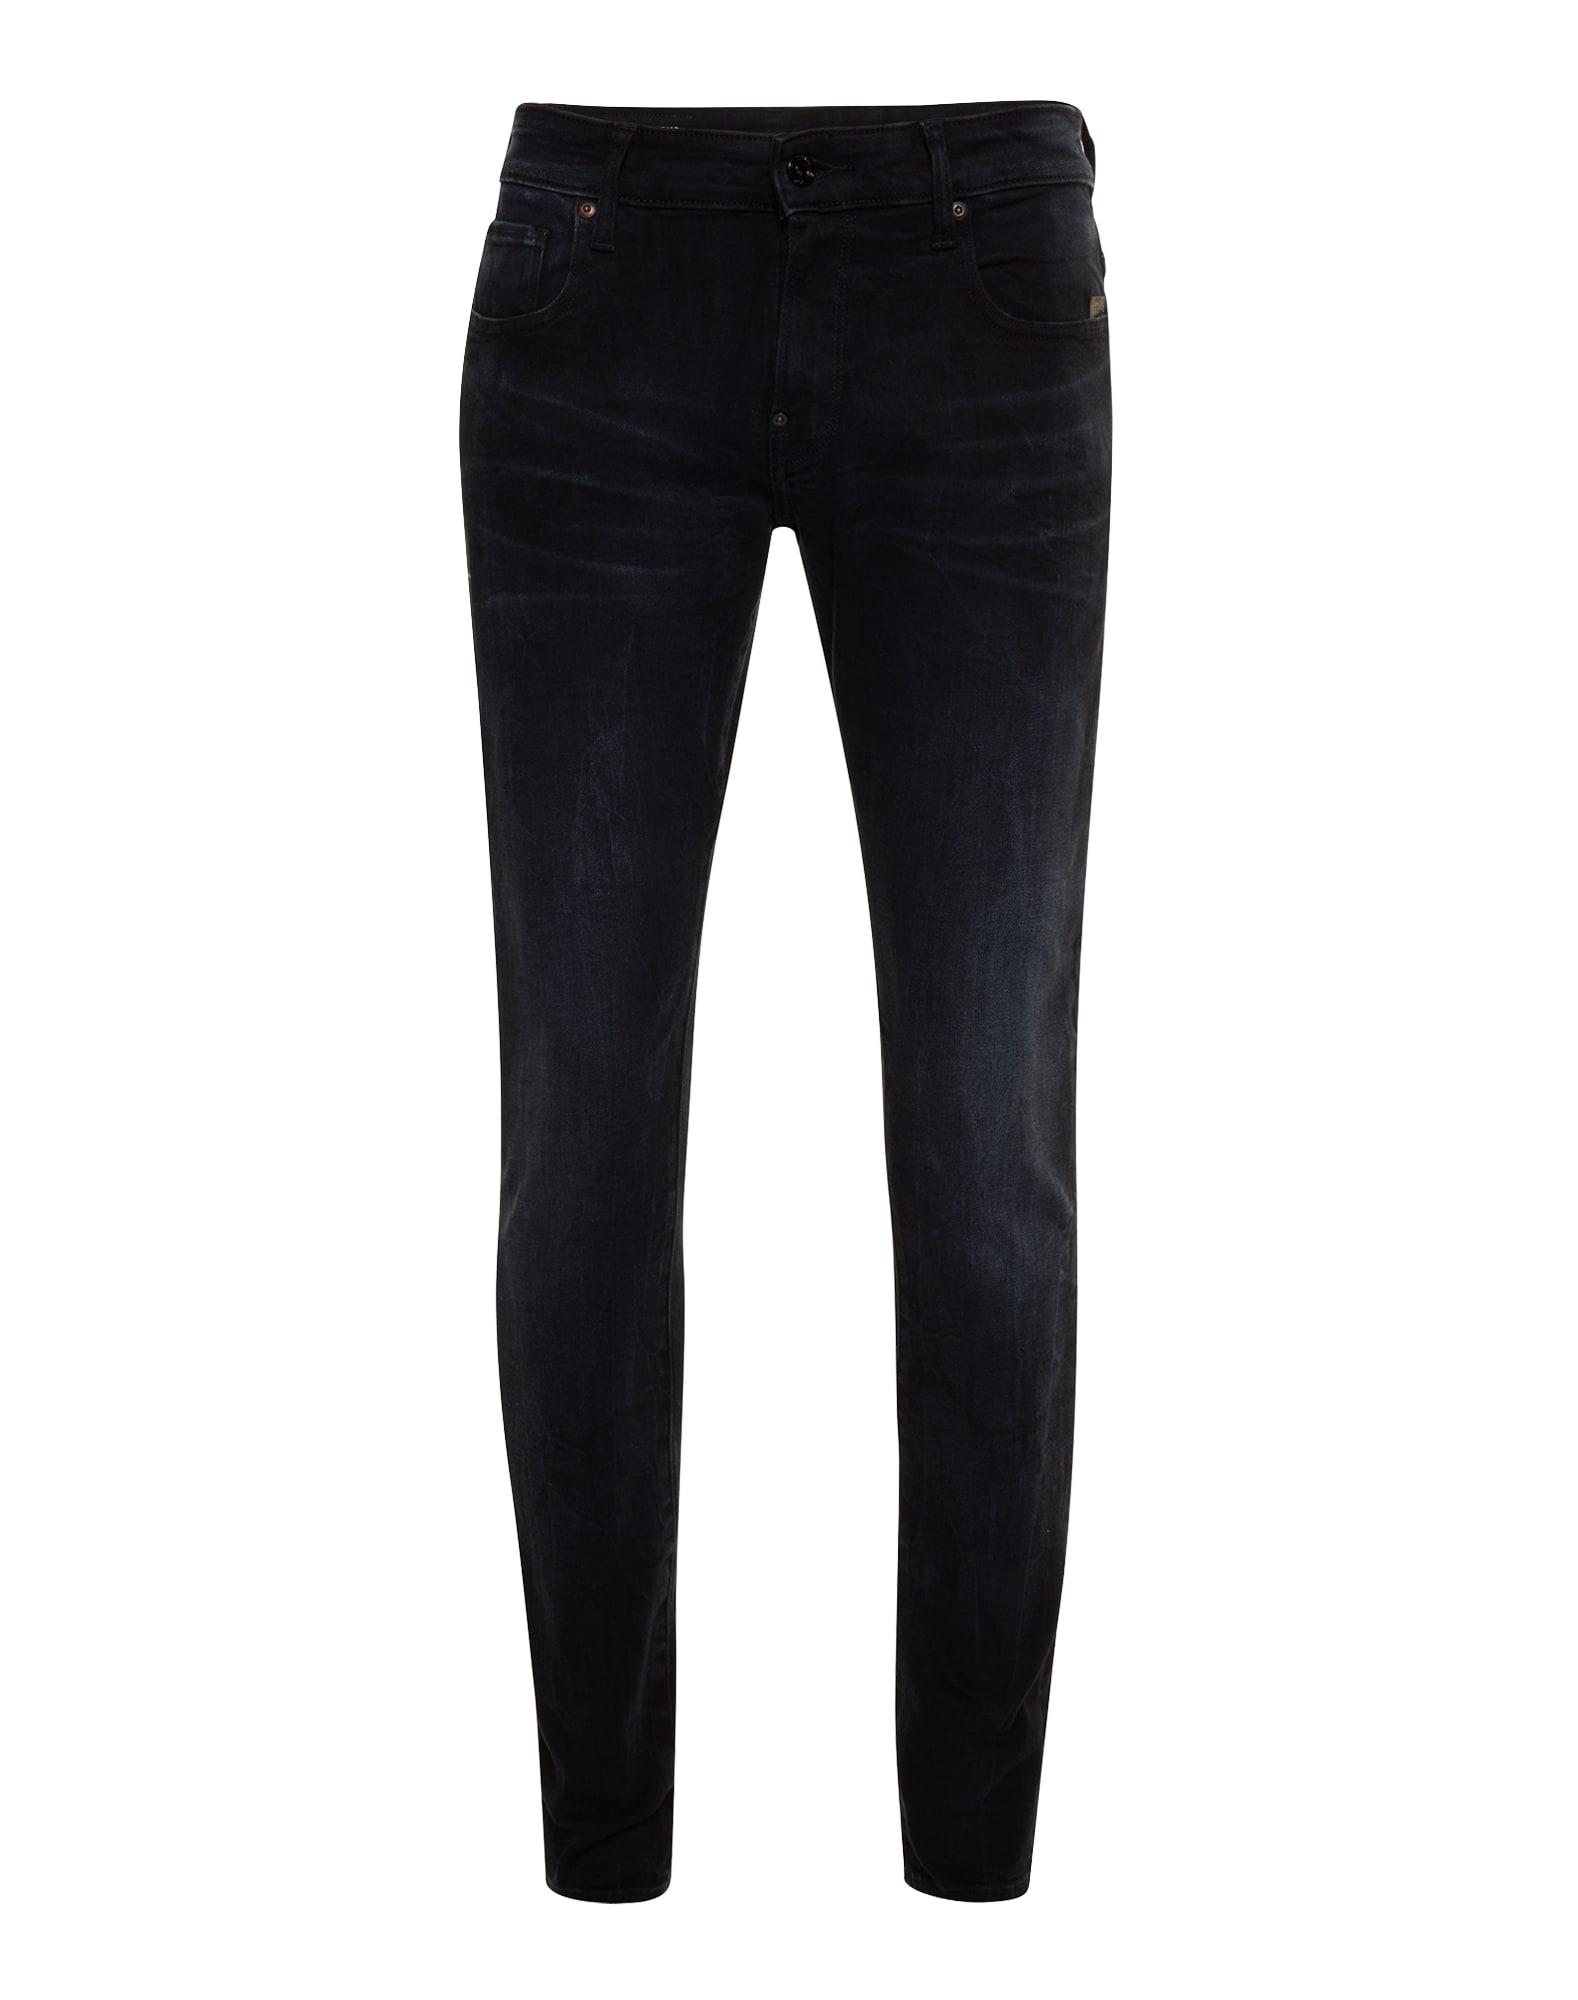 G-STAR RAW Heren Jeans Revend Super Slim black denim